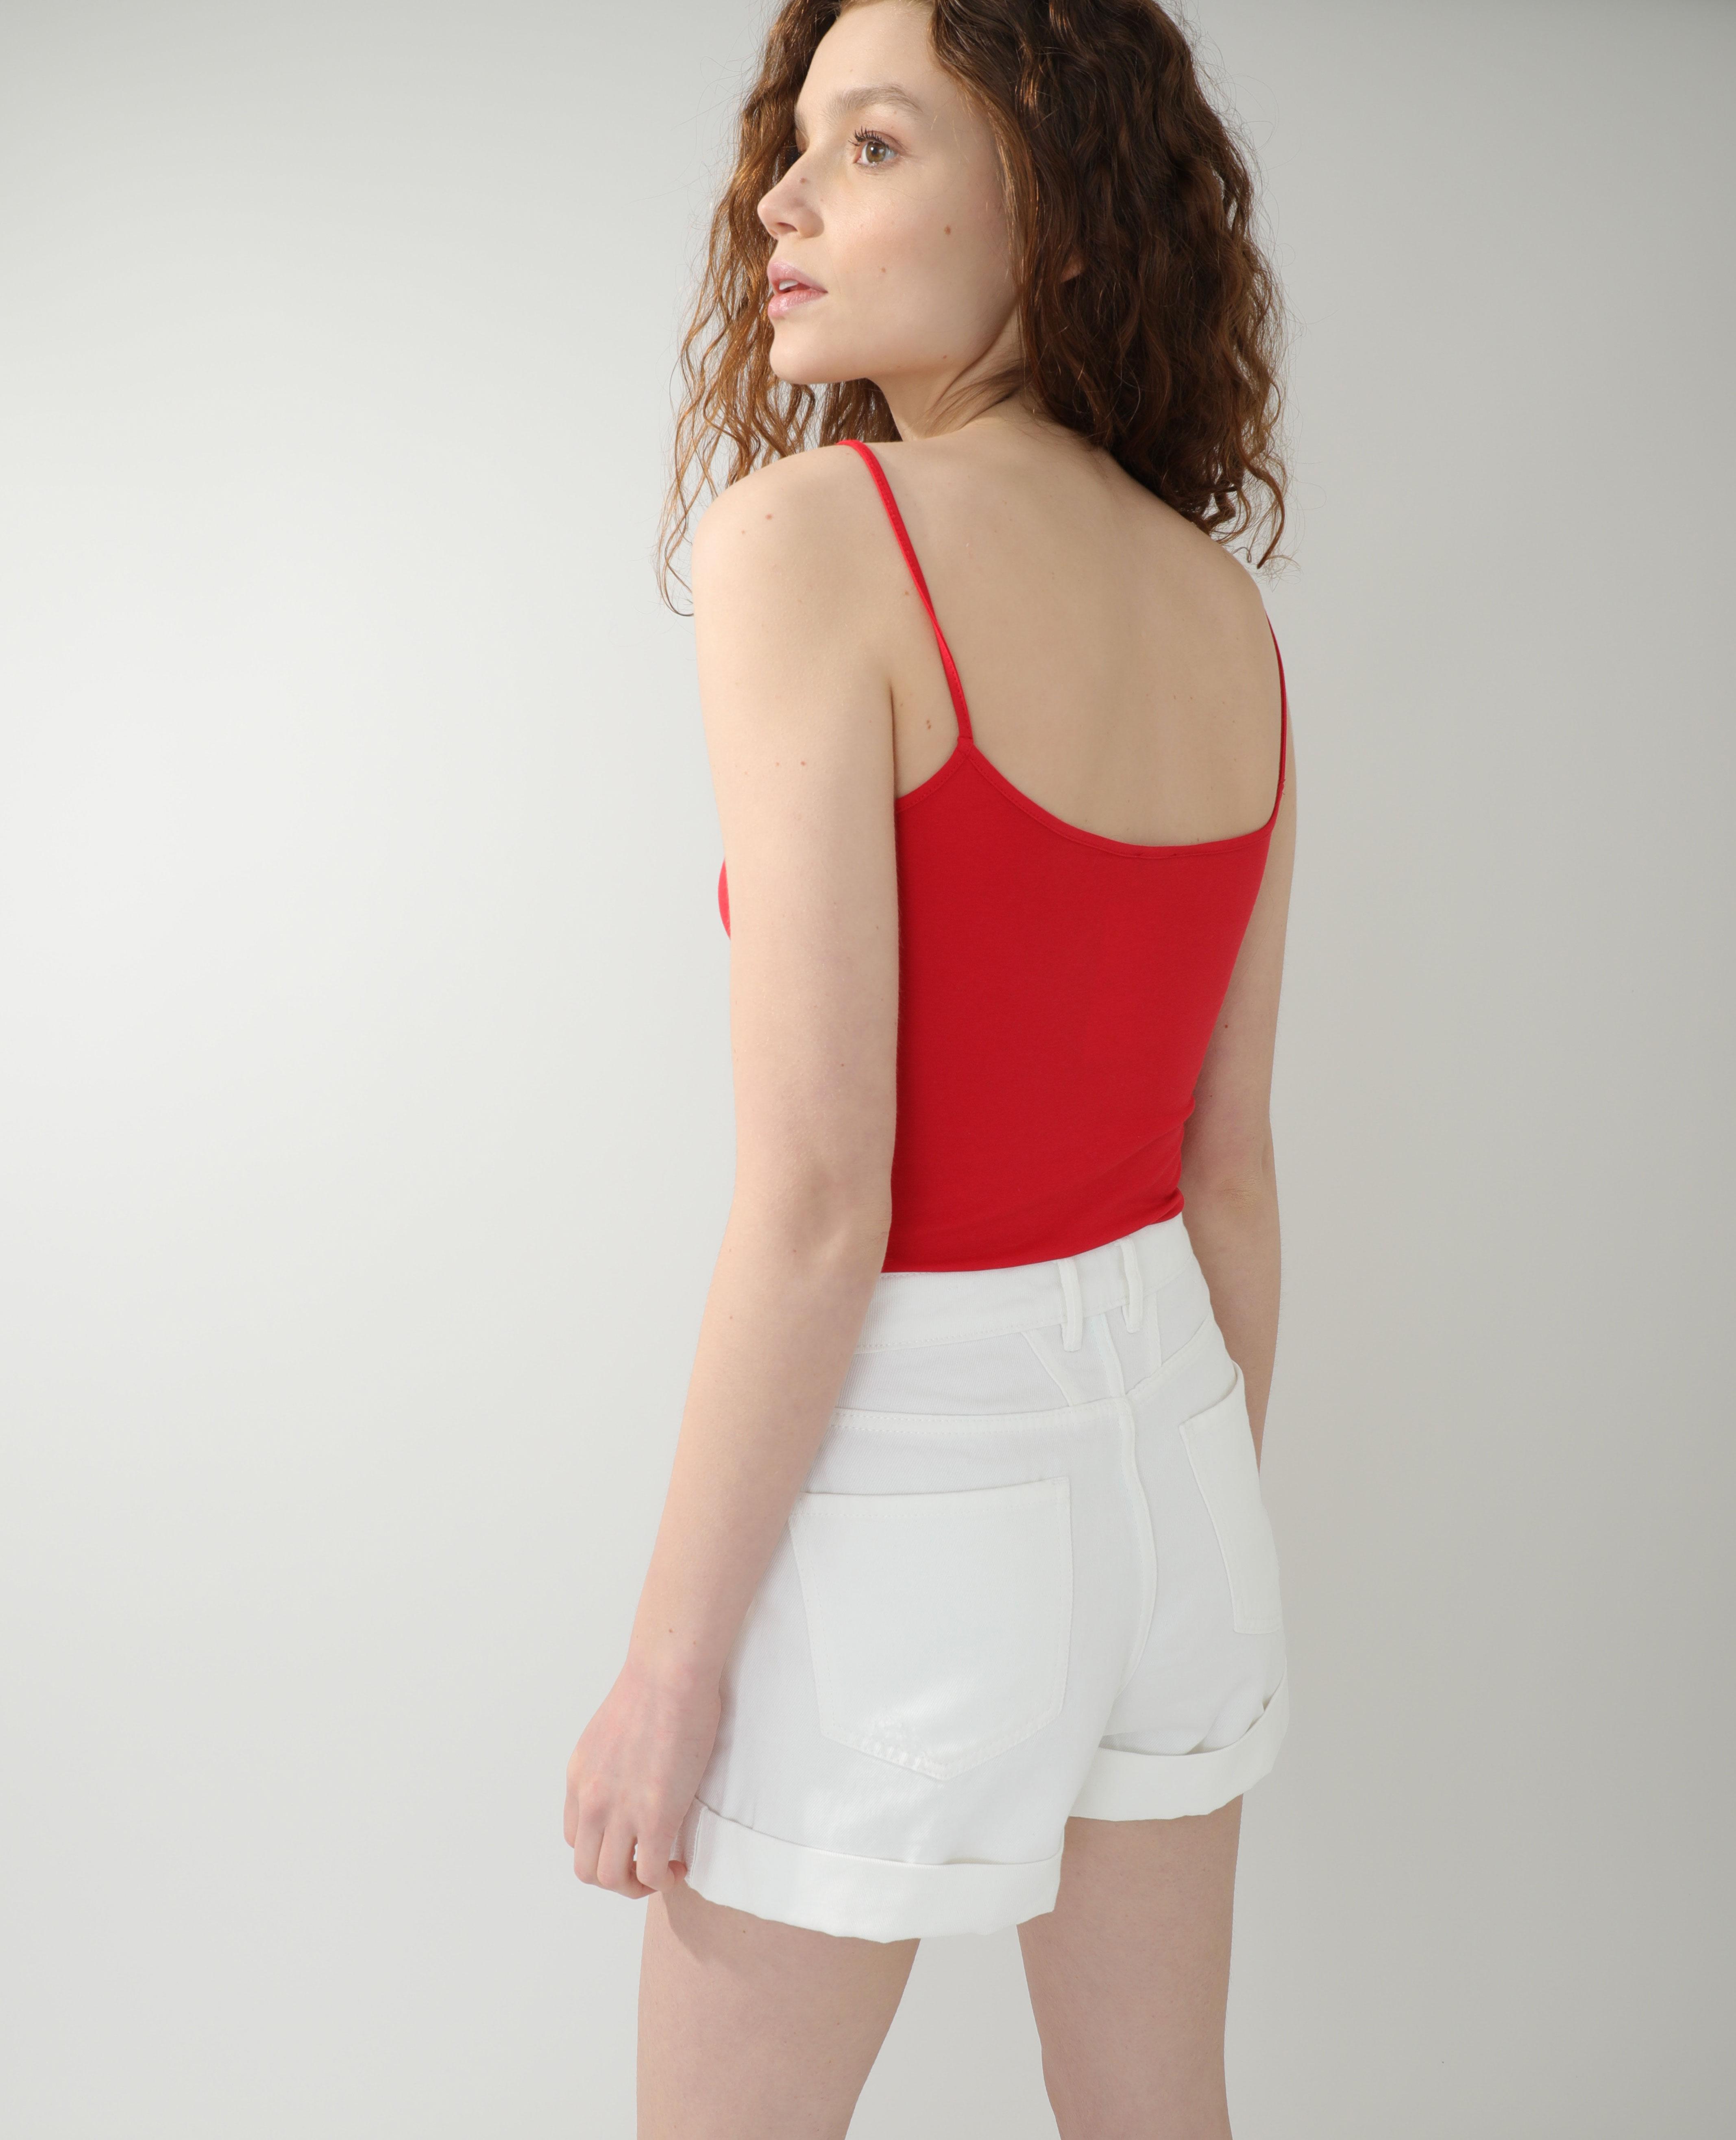 Débardeur basique rouge - Pimkie